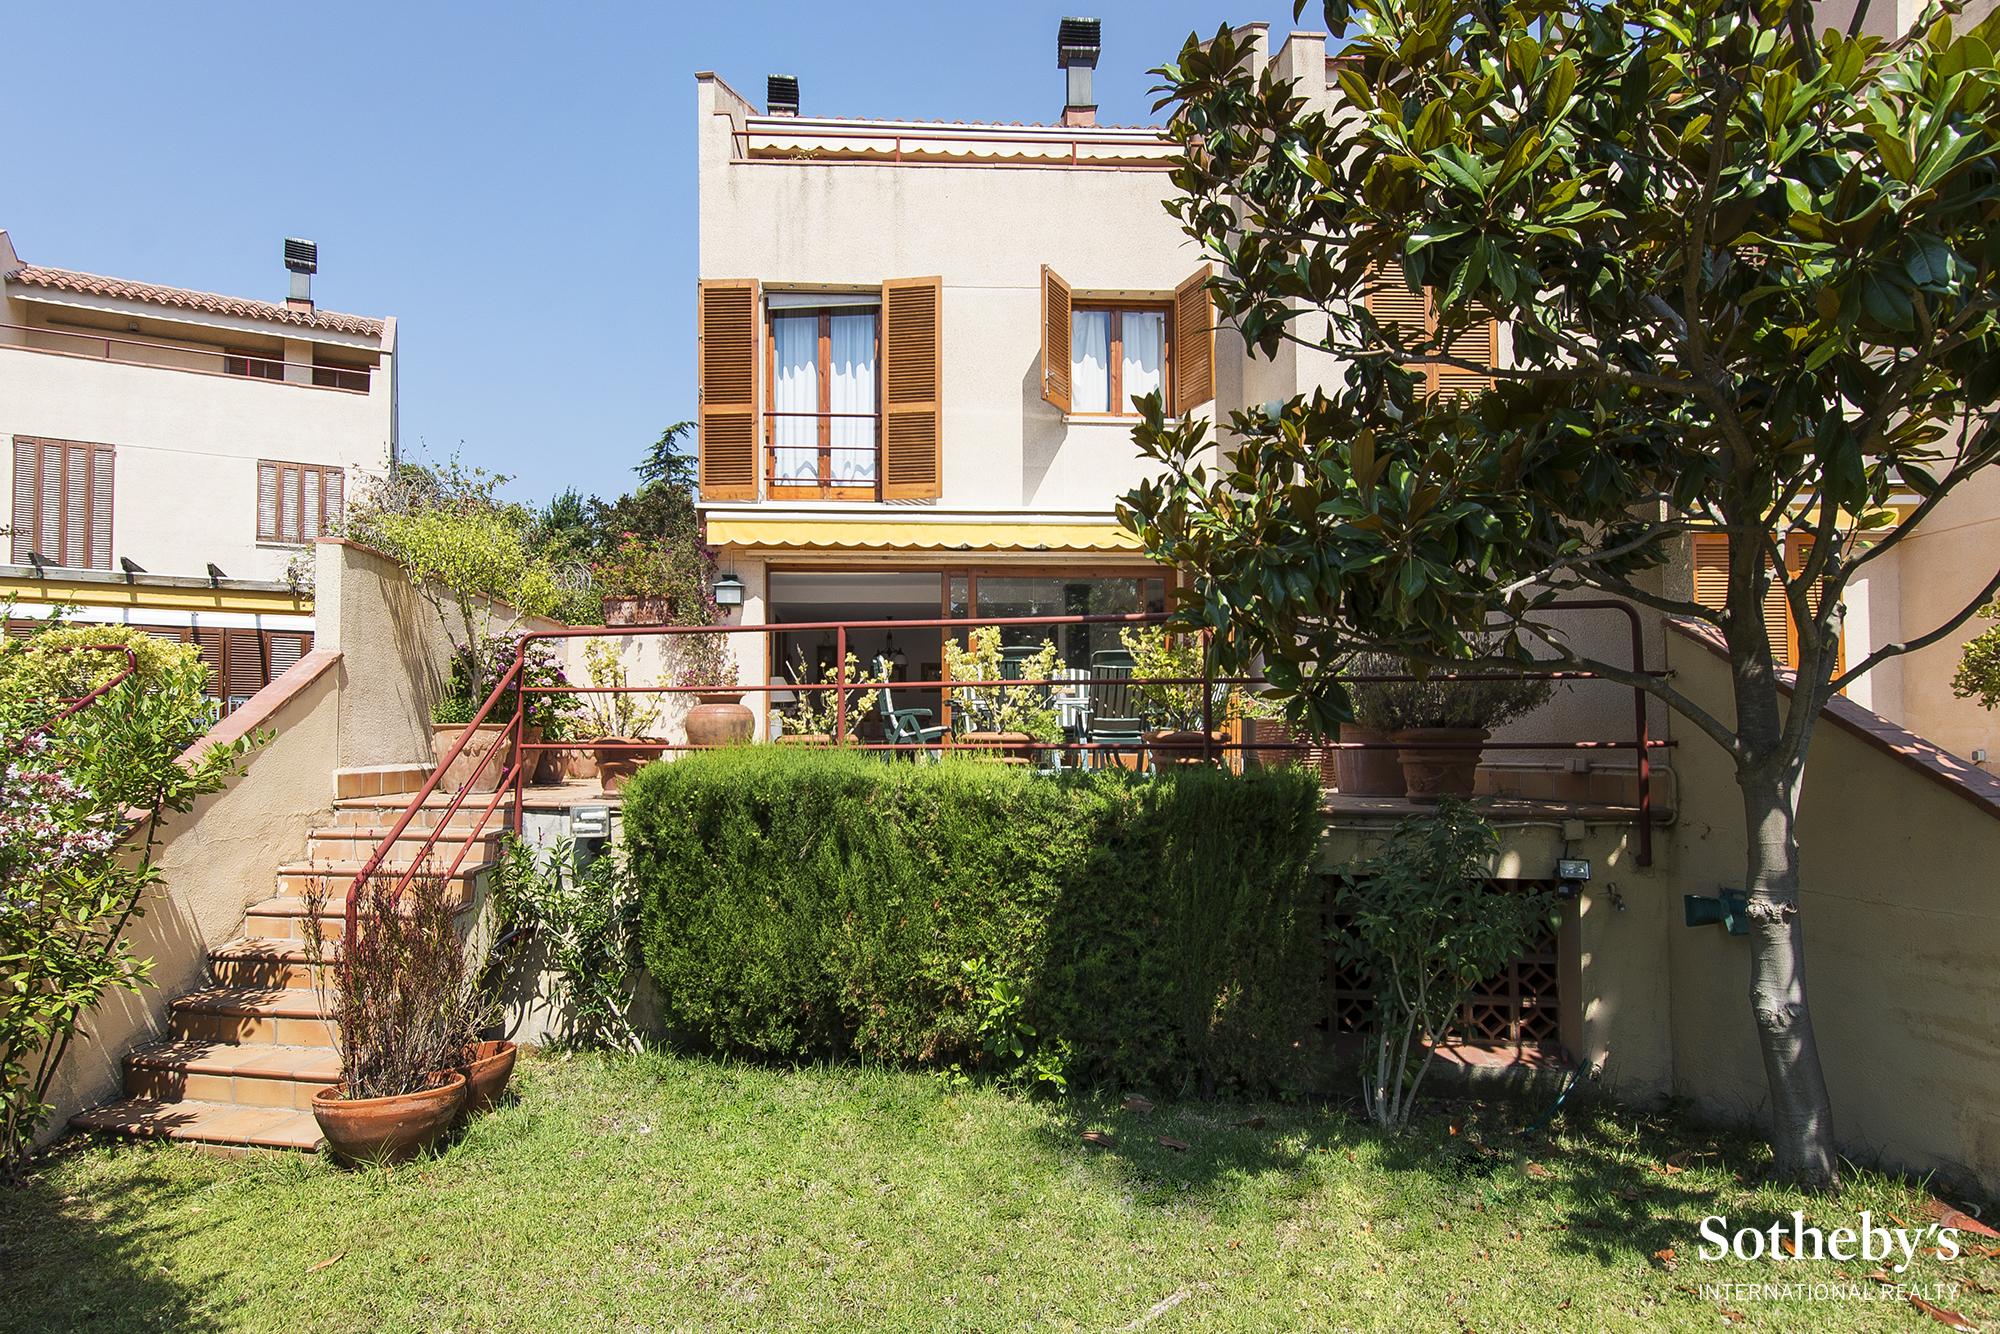 Casa Unifamiliar por un Venta en Fantastic terraced house 50 metres from the beach at S'Agaró S'Agaro, Costa Brava 17248 España